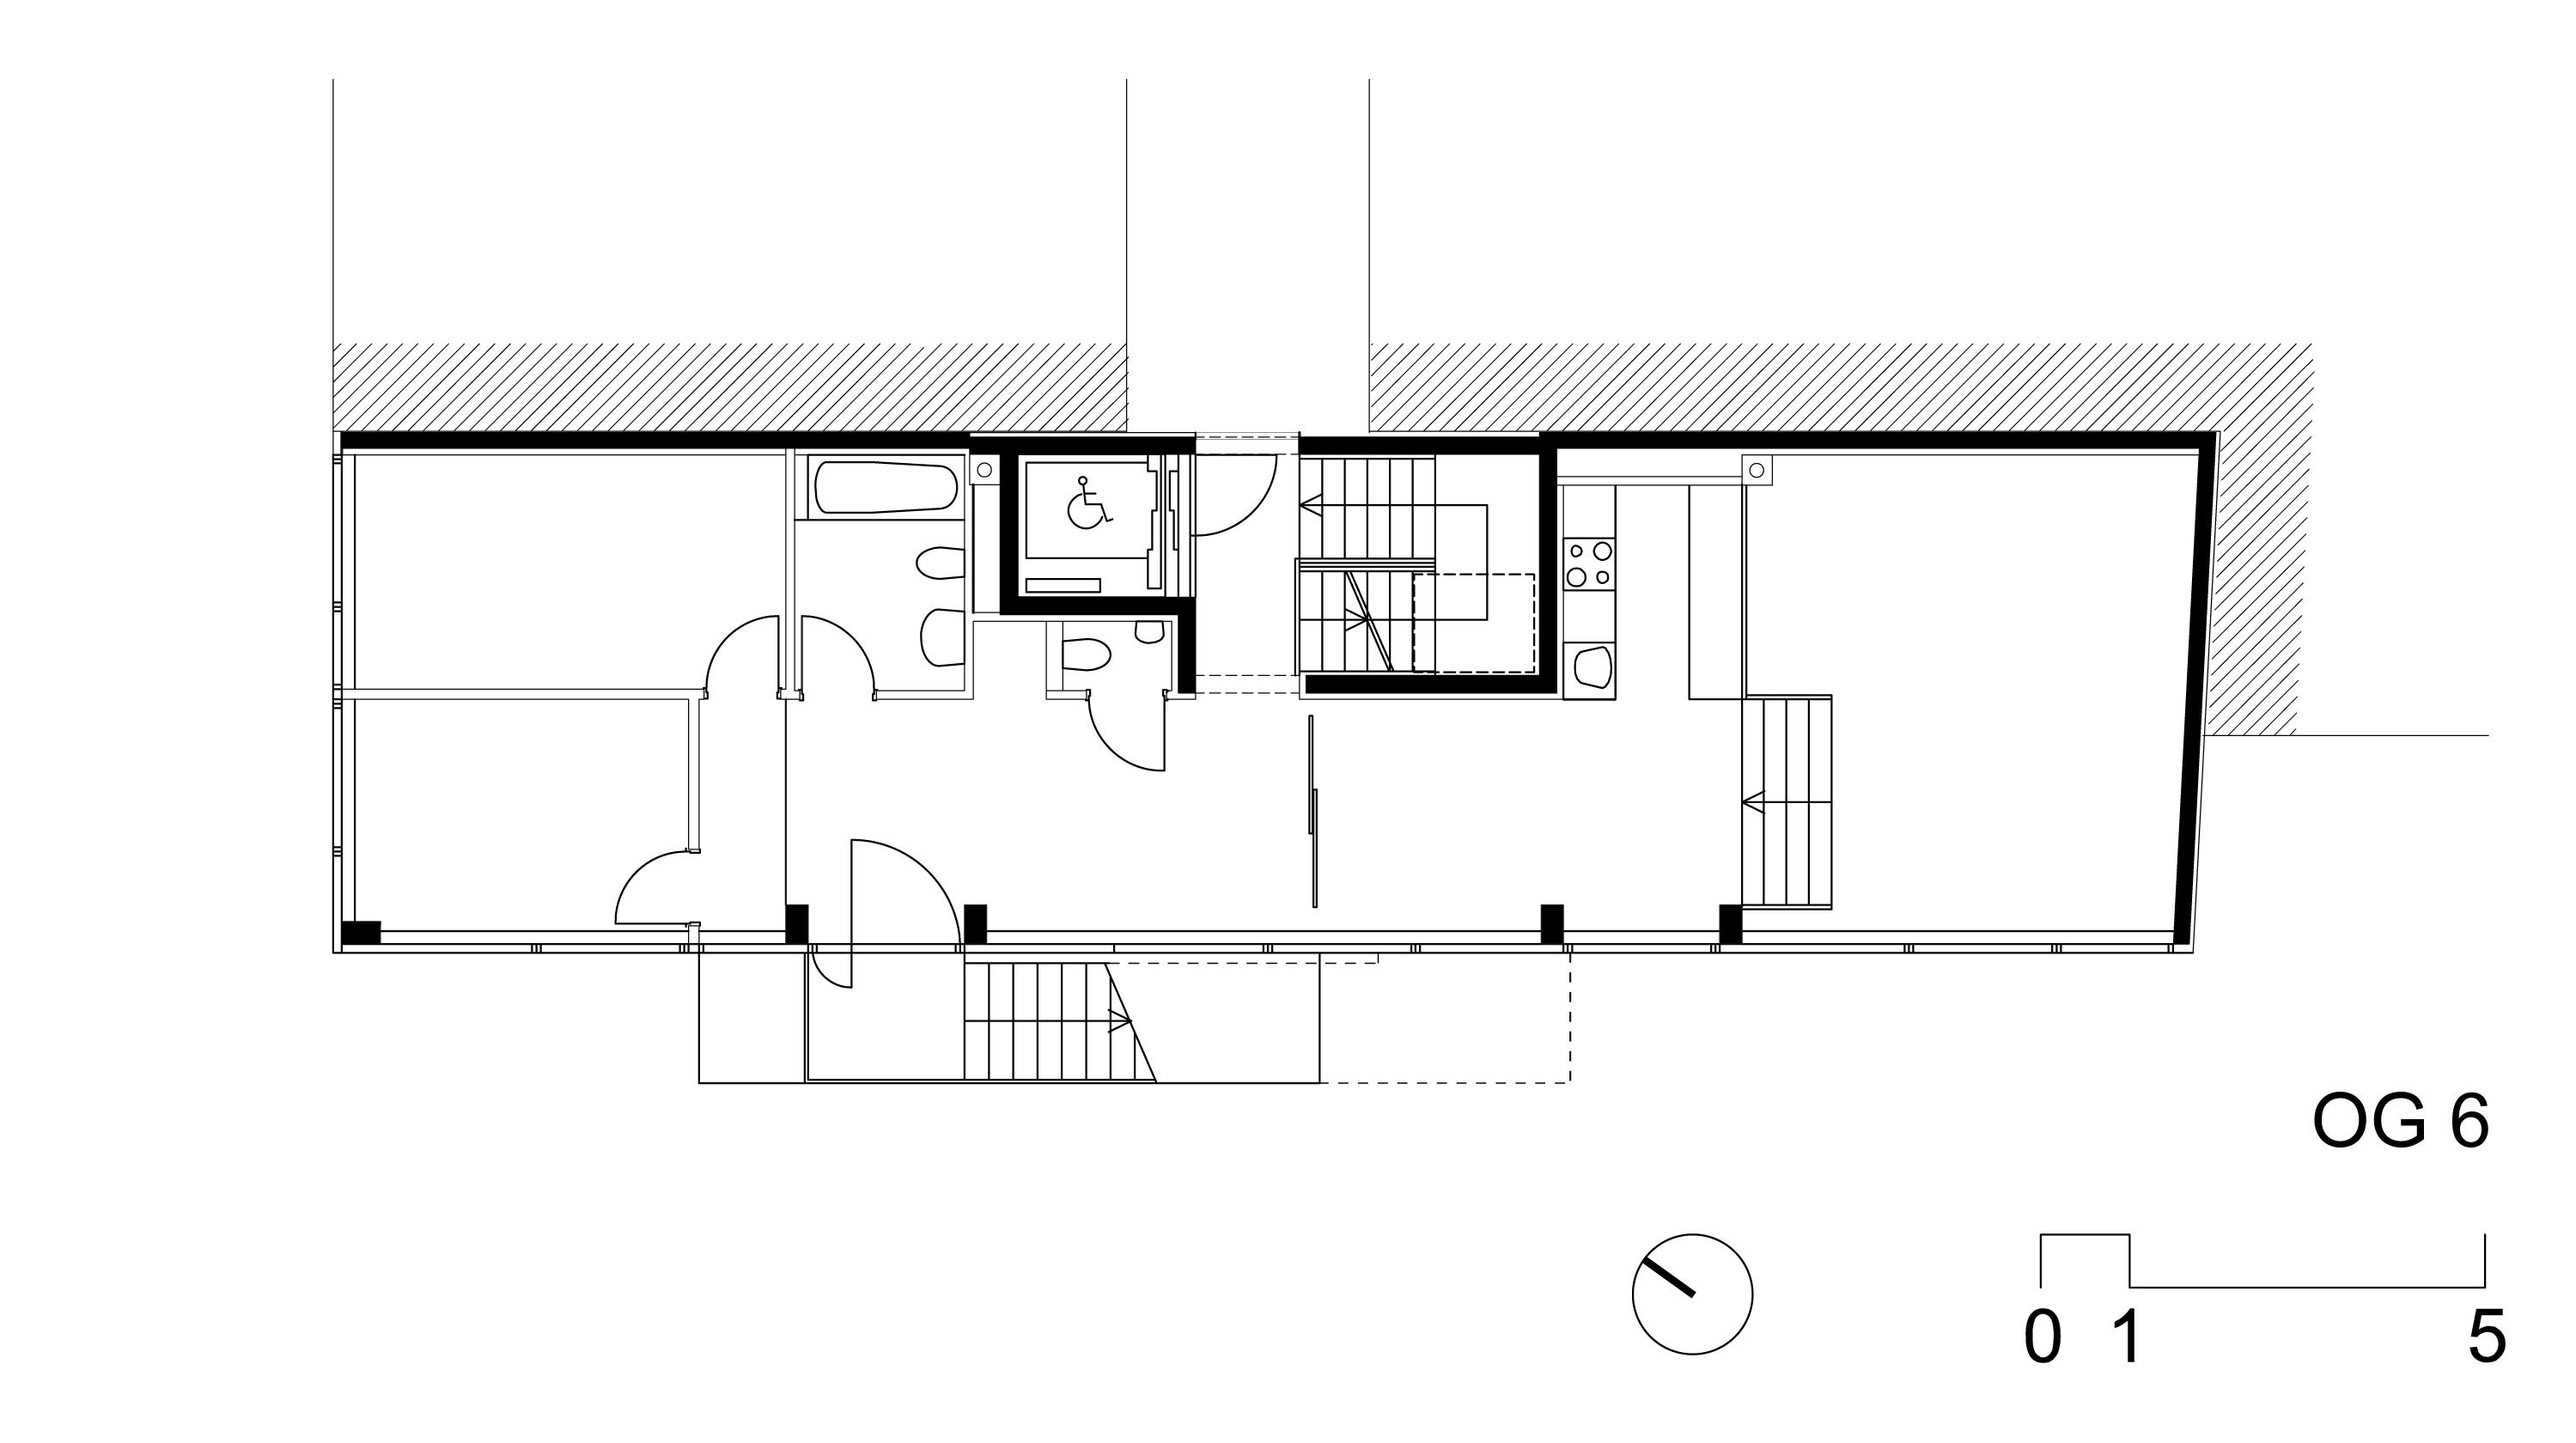 ppag_praterstraße_neubau_6th_floor